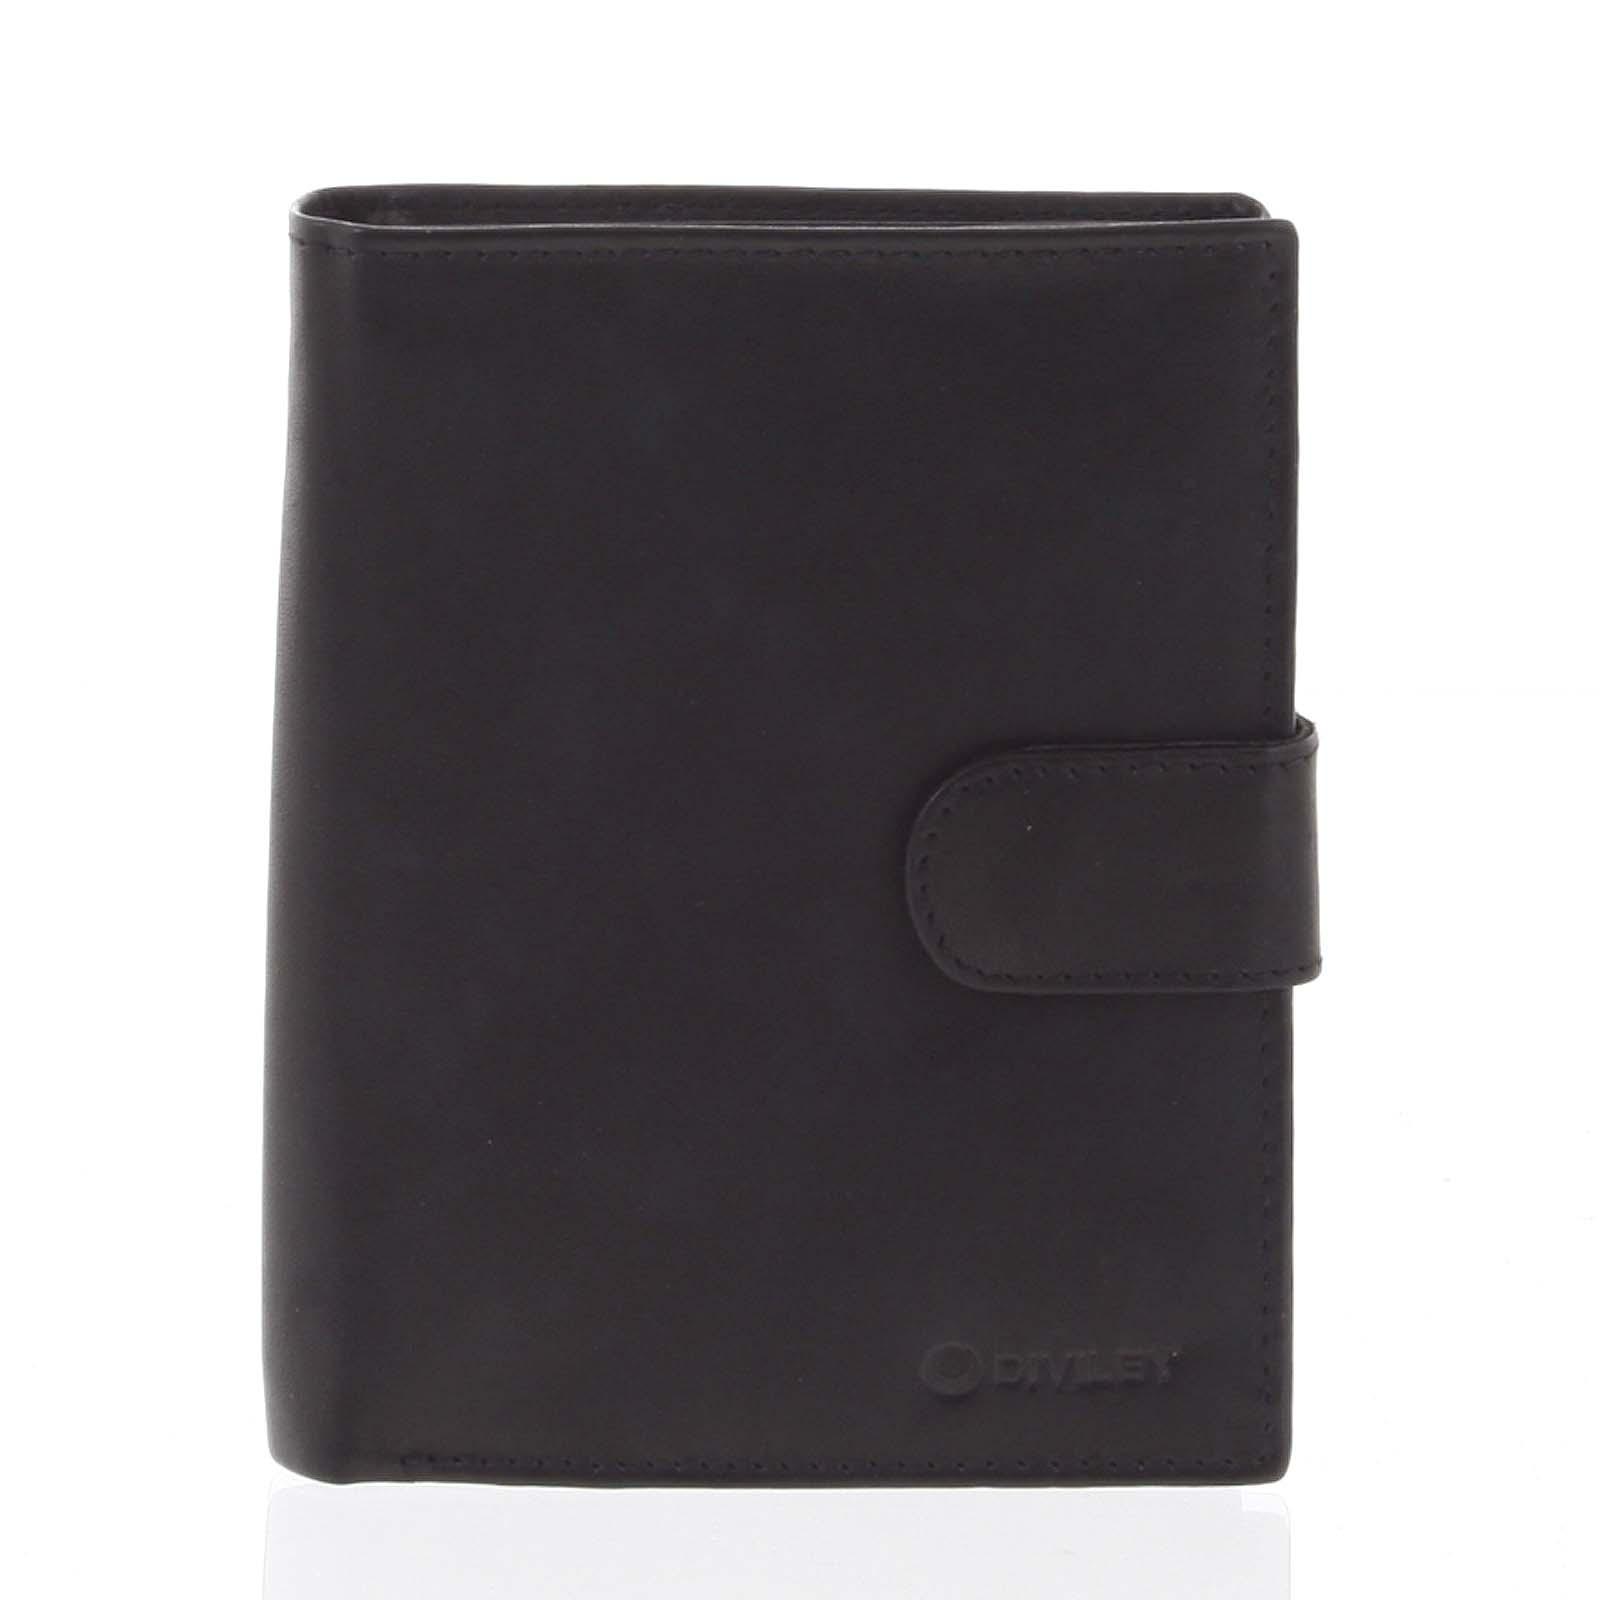 Väčšia pánska čierna kožená peňaženka so zápinkou - Diviley Heelal